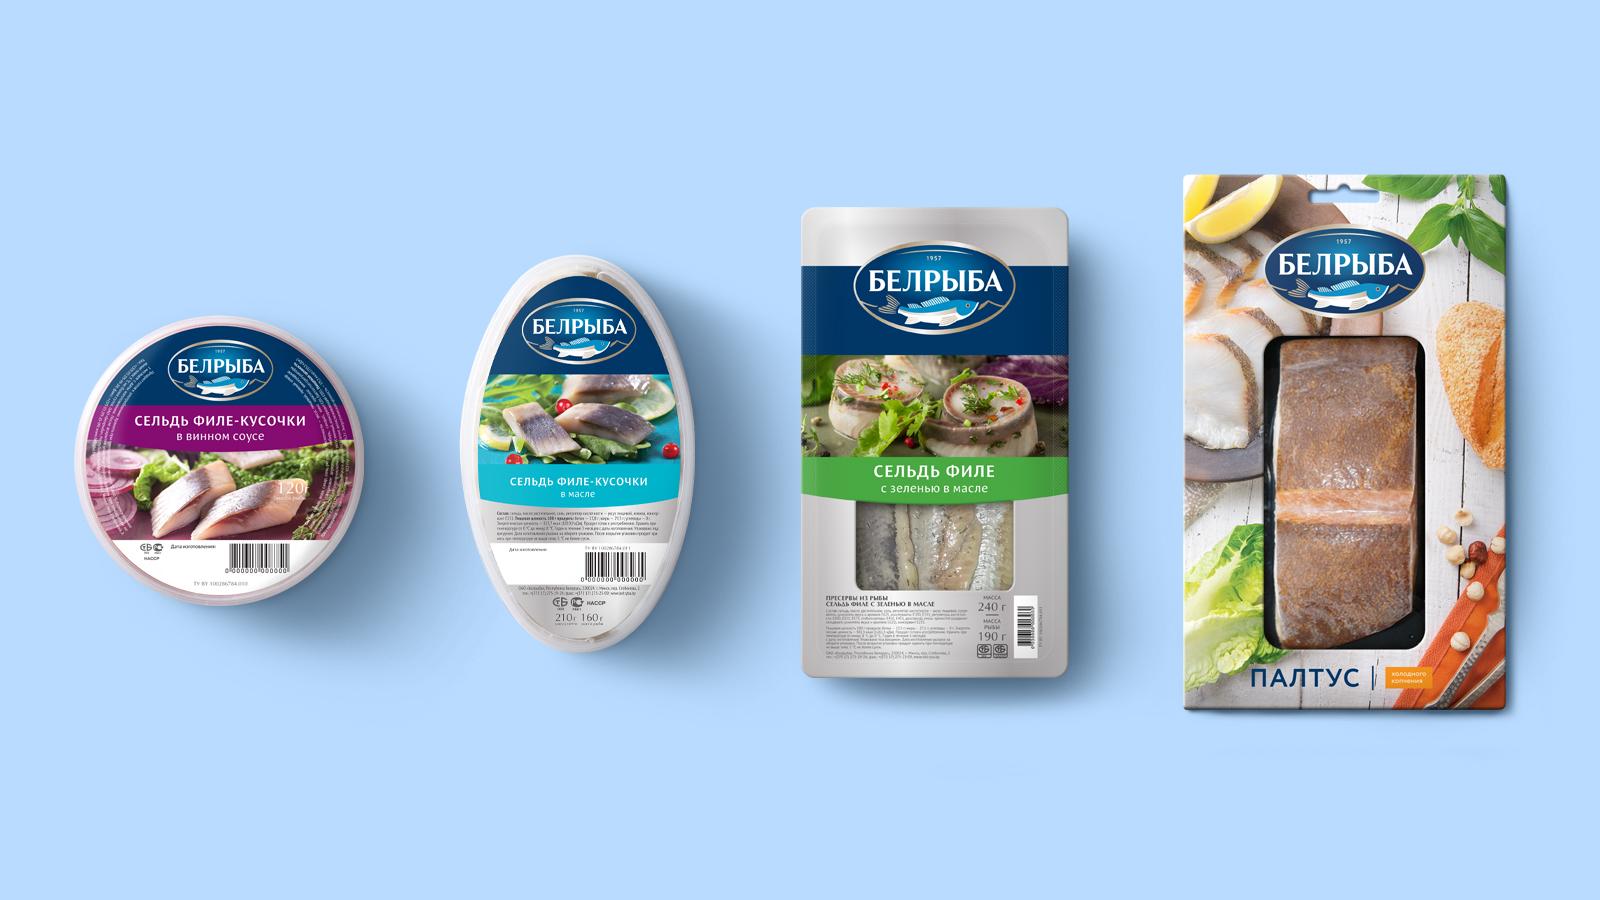 Разработка дизайна упаковки всего ассортимента продукции «Белрыба», ведущего производителя рыбной продукции в Беларуси.